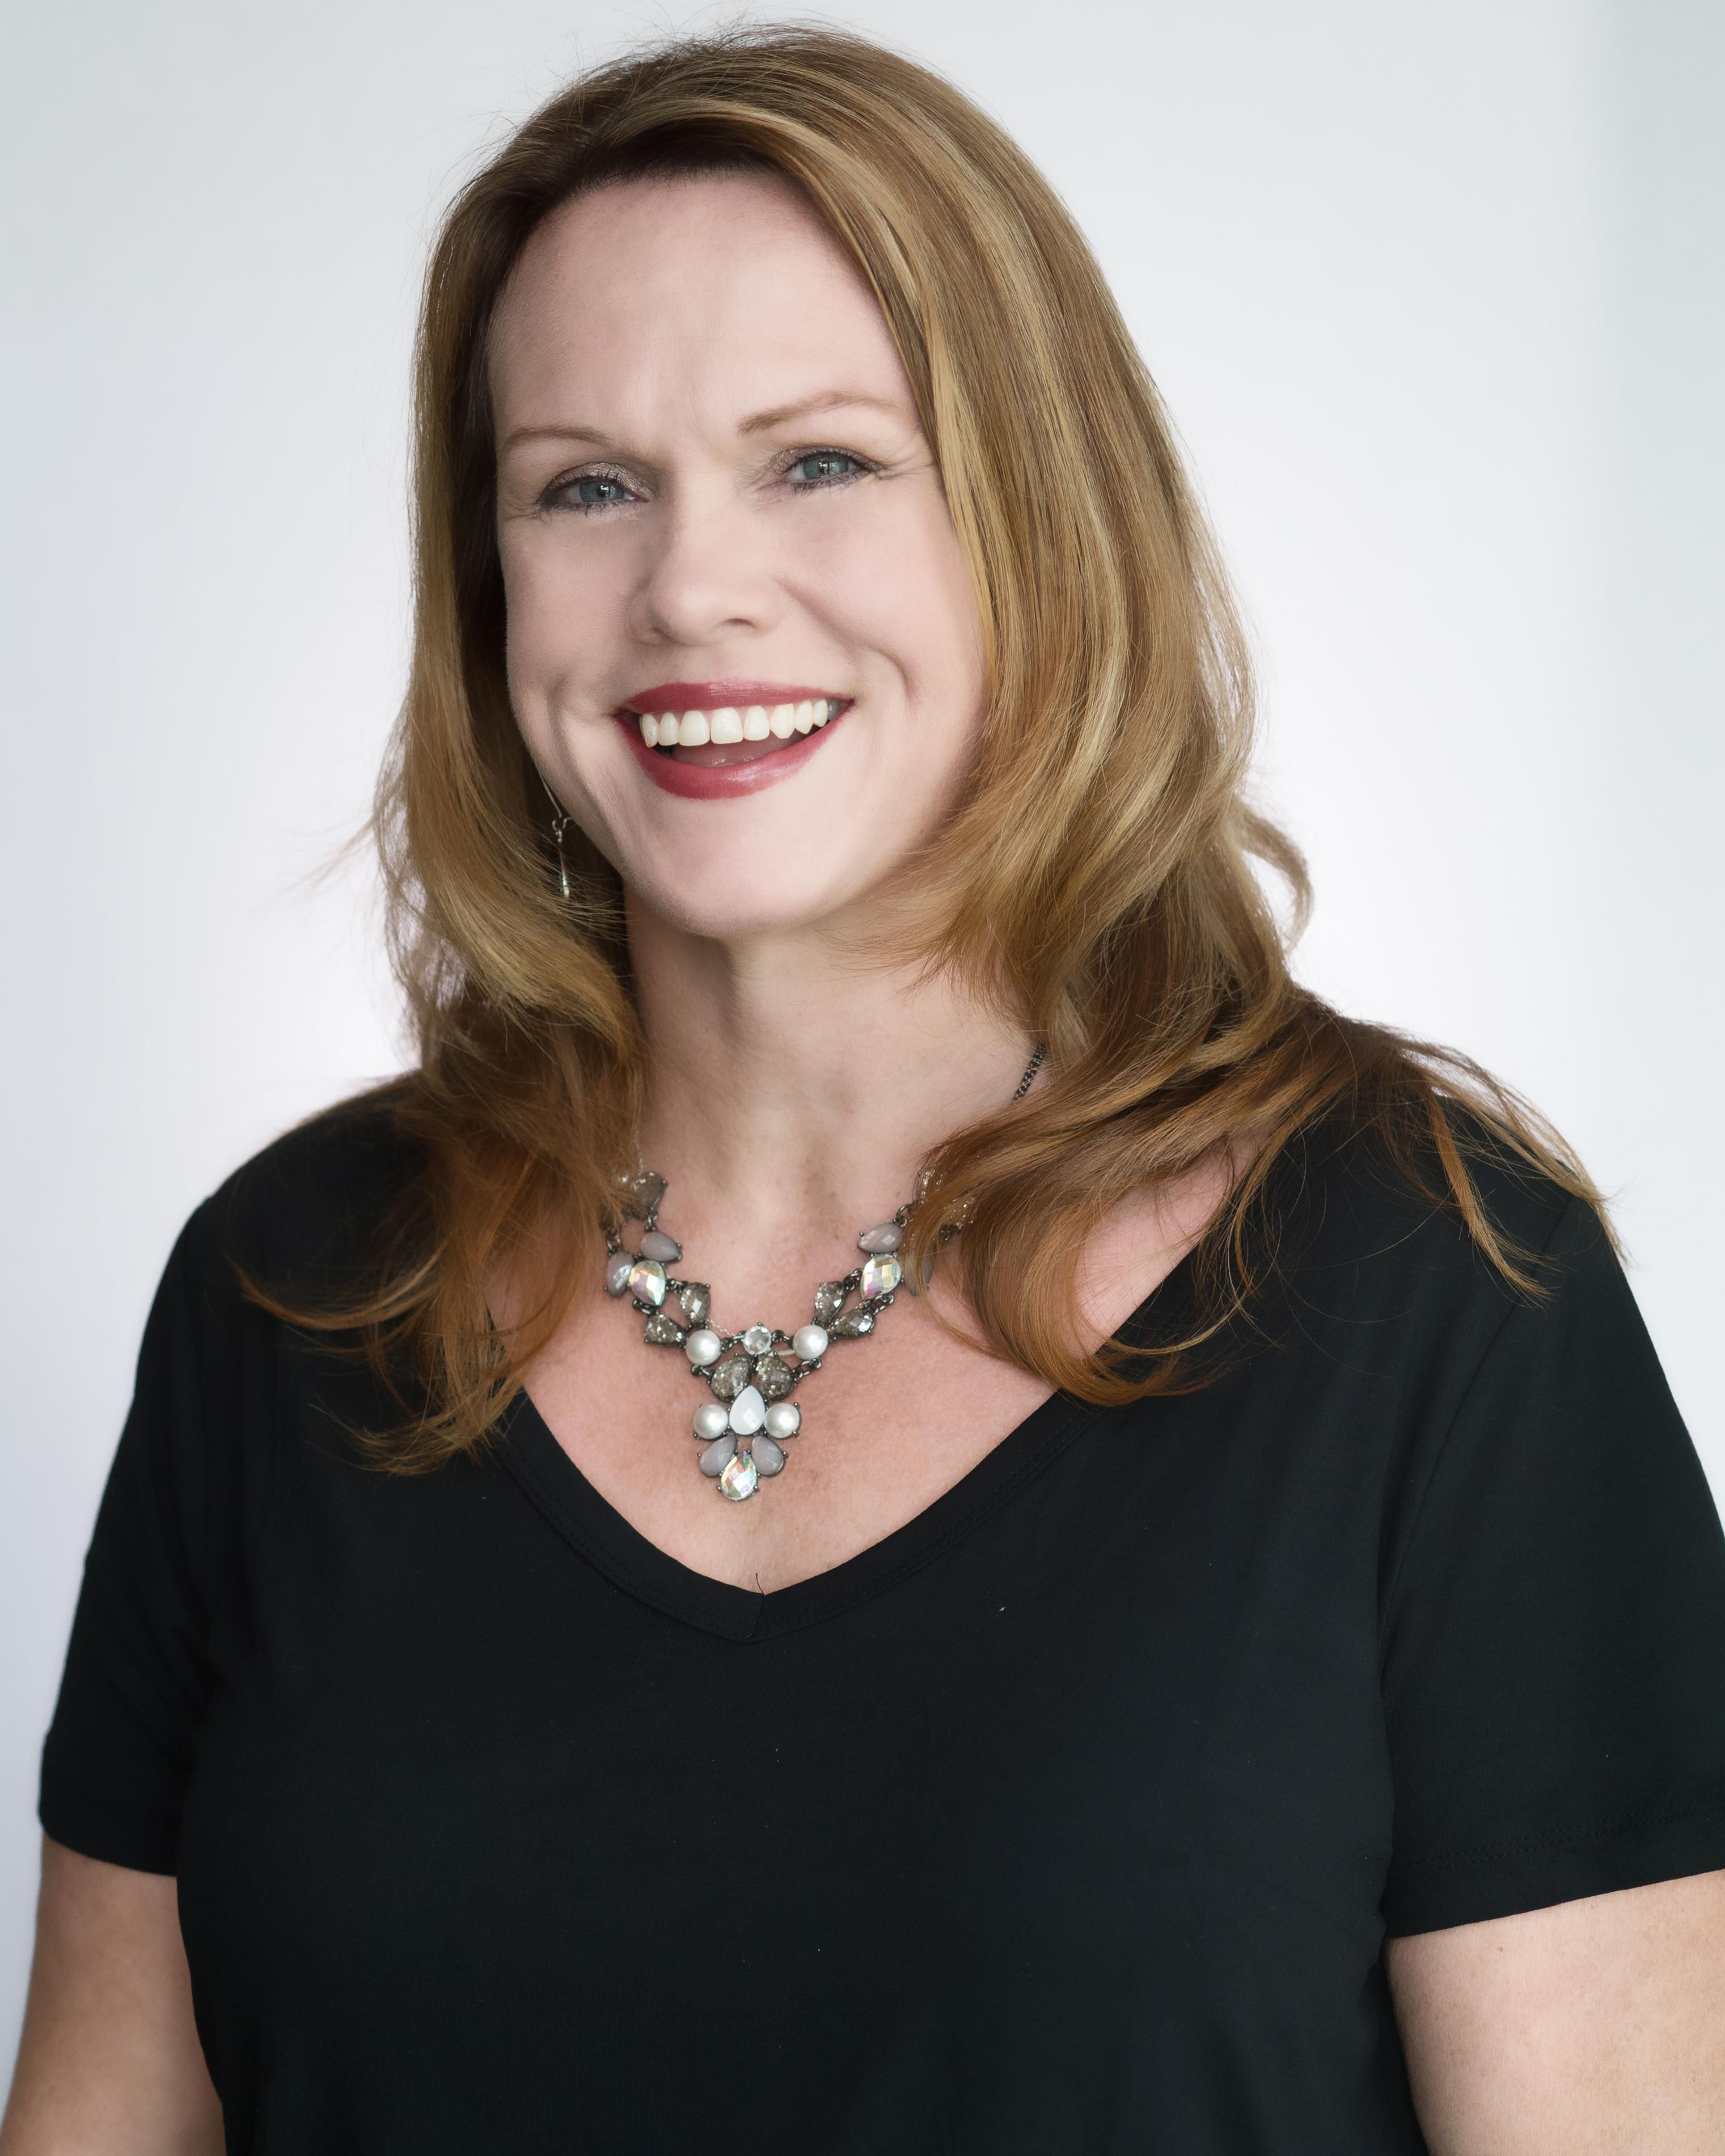 Gina Stamper